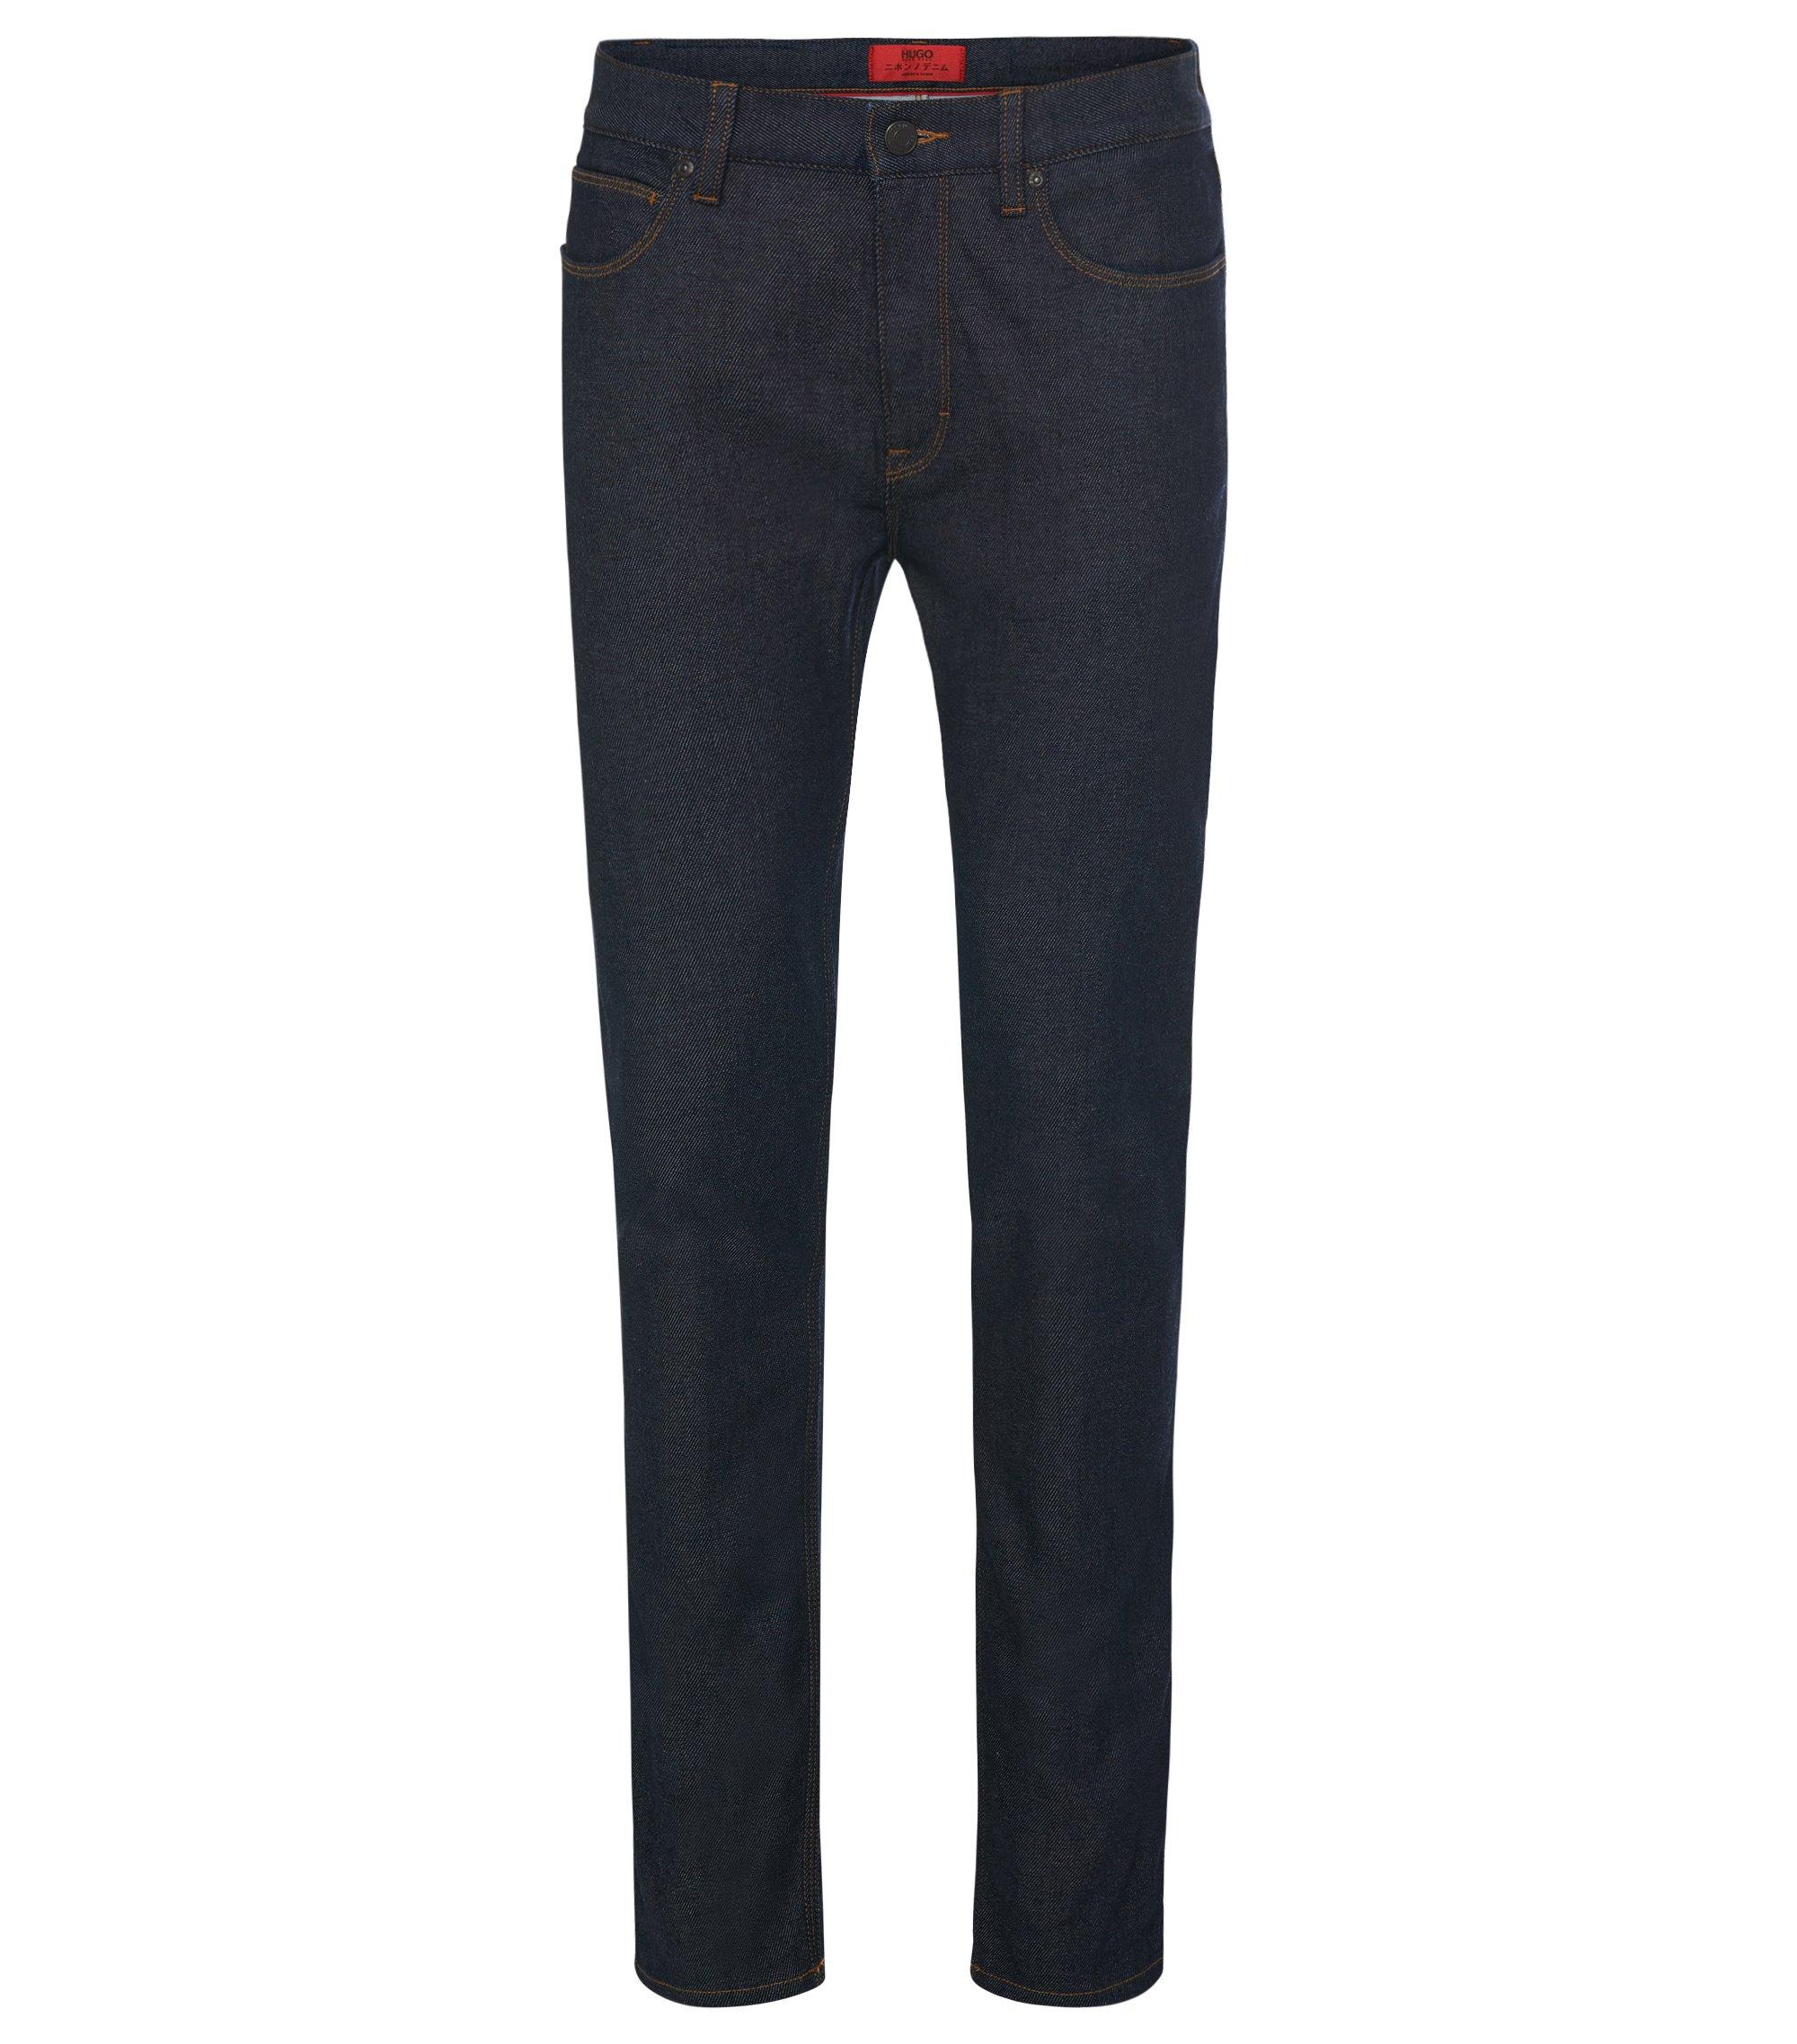 10 oz Japanese Cotton Blend Jeans, Skinny Fit | Hugo 734, Dark Blue